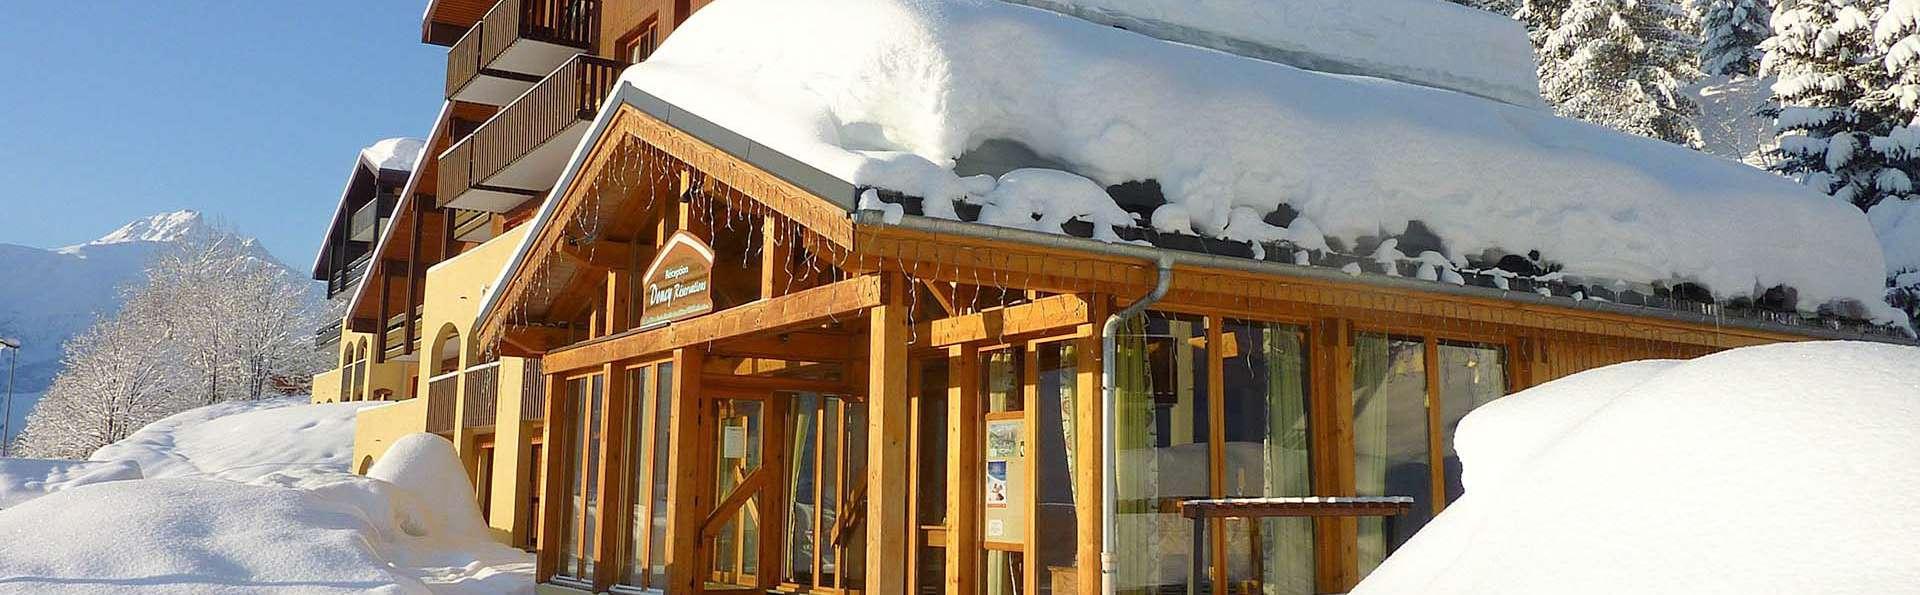 Cap sur la Savoie pour passer un séjour inoubliable dans une résidence de vacances